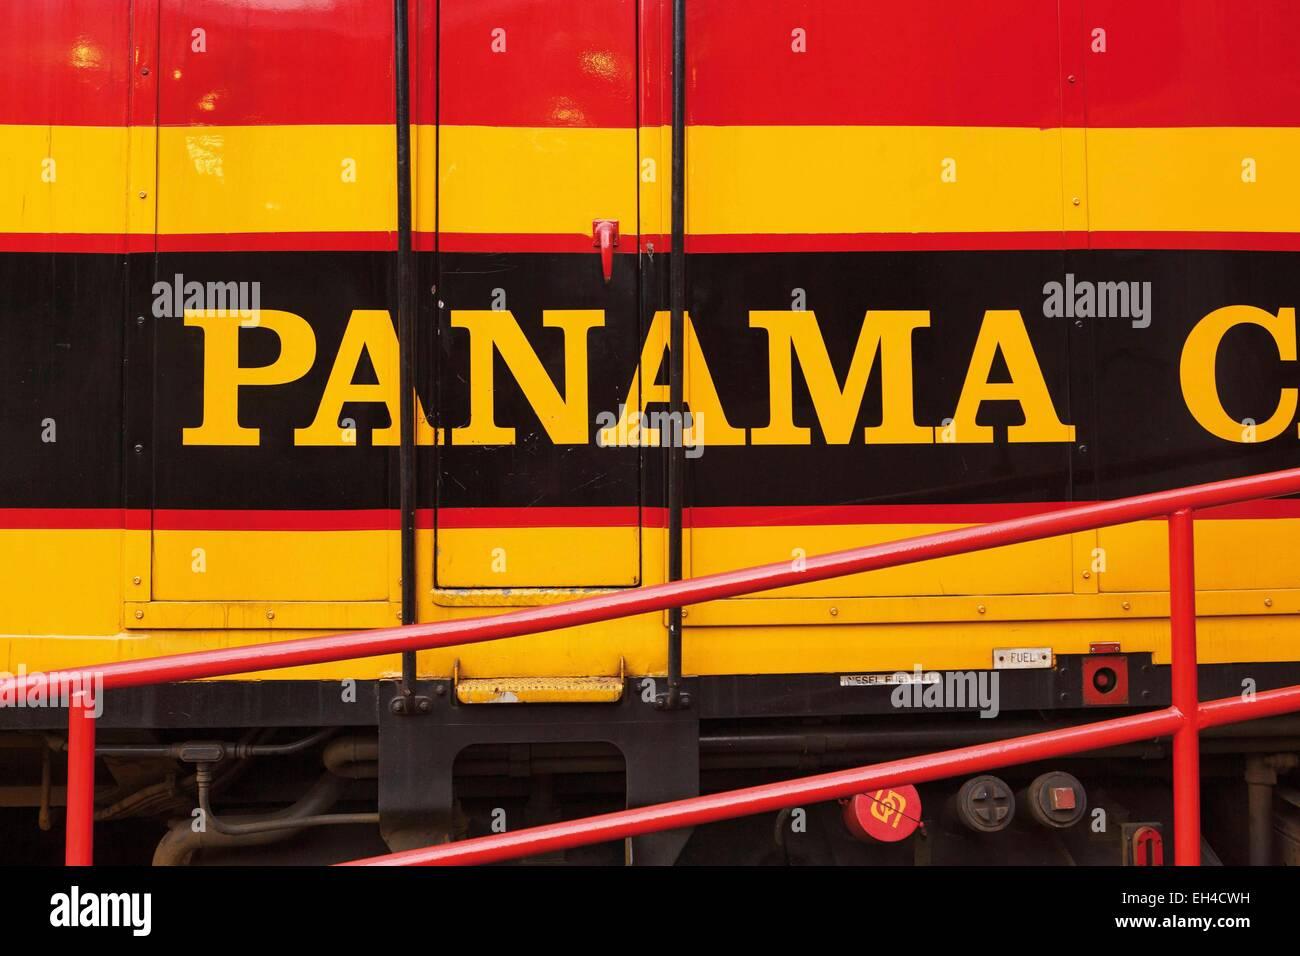 Panama, locomotiva del treno turistico Immagini Stock